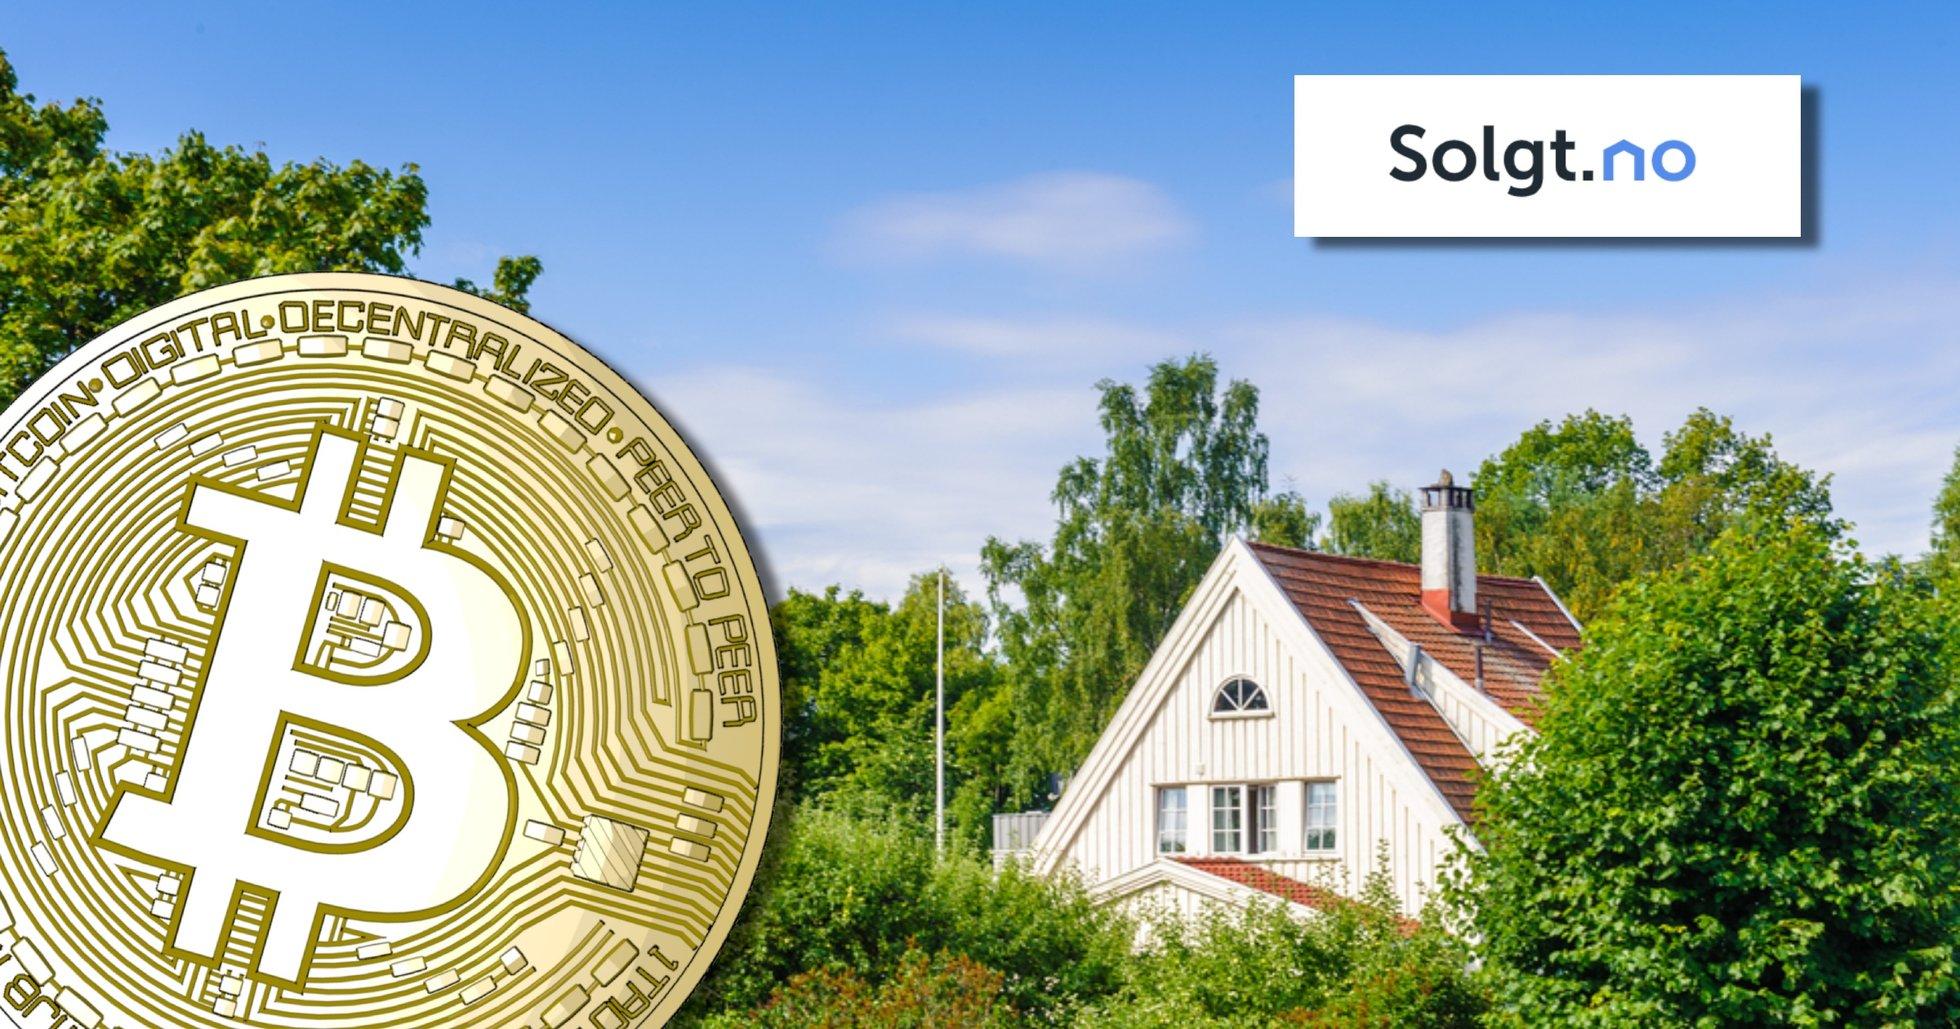 Norsk bostadssajt ska investera delar av sitt kapital i bitcoin